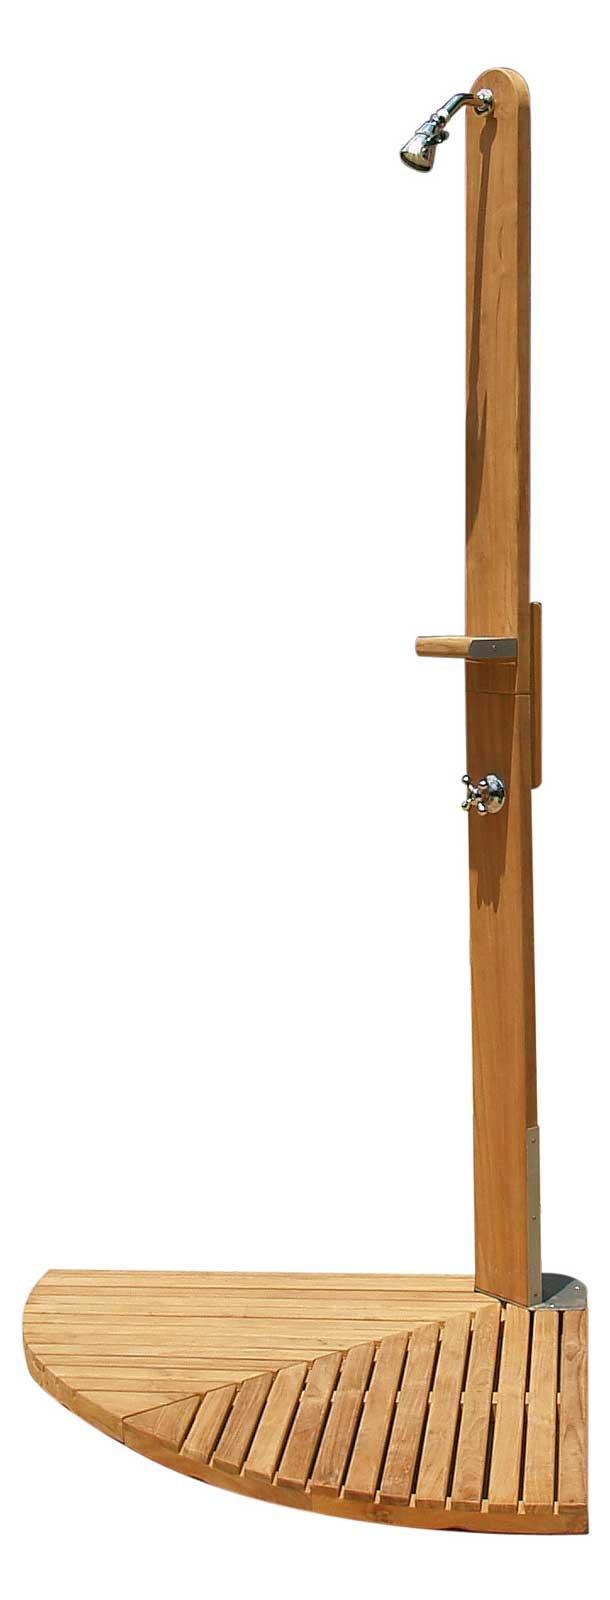 Mobili per esterno in legno cose di casa - Mobili per esterni in legno ...